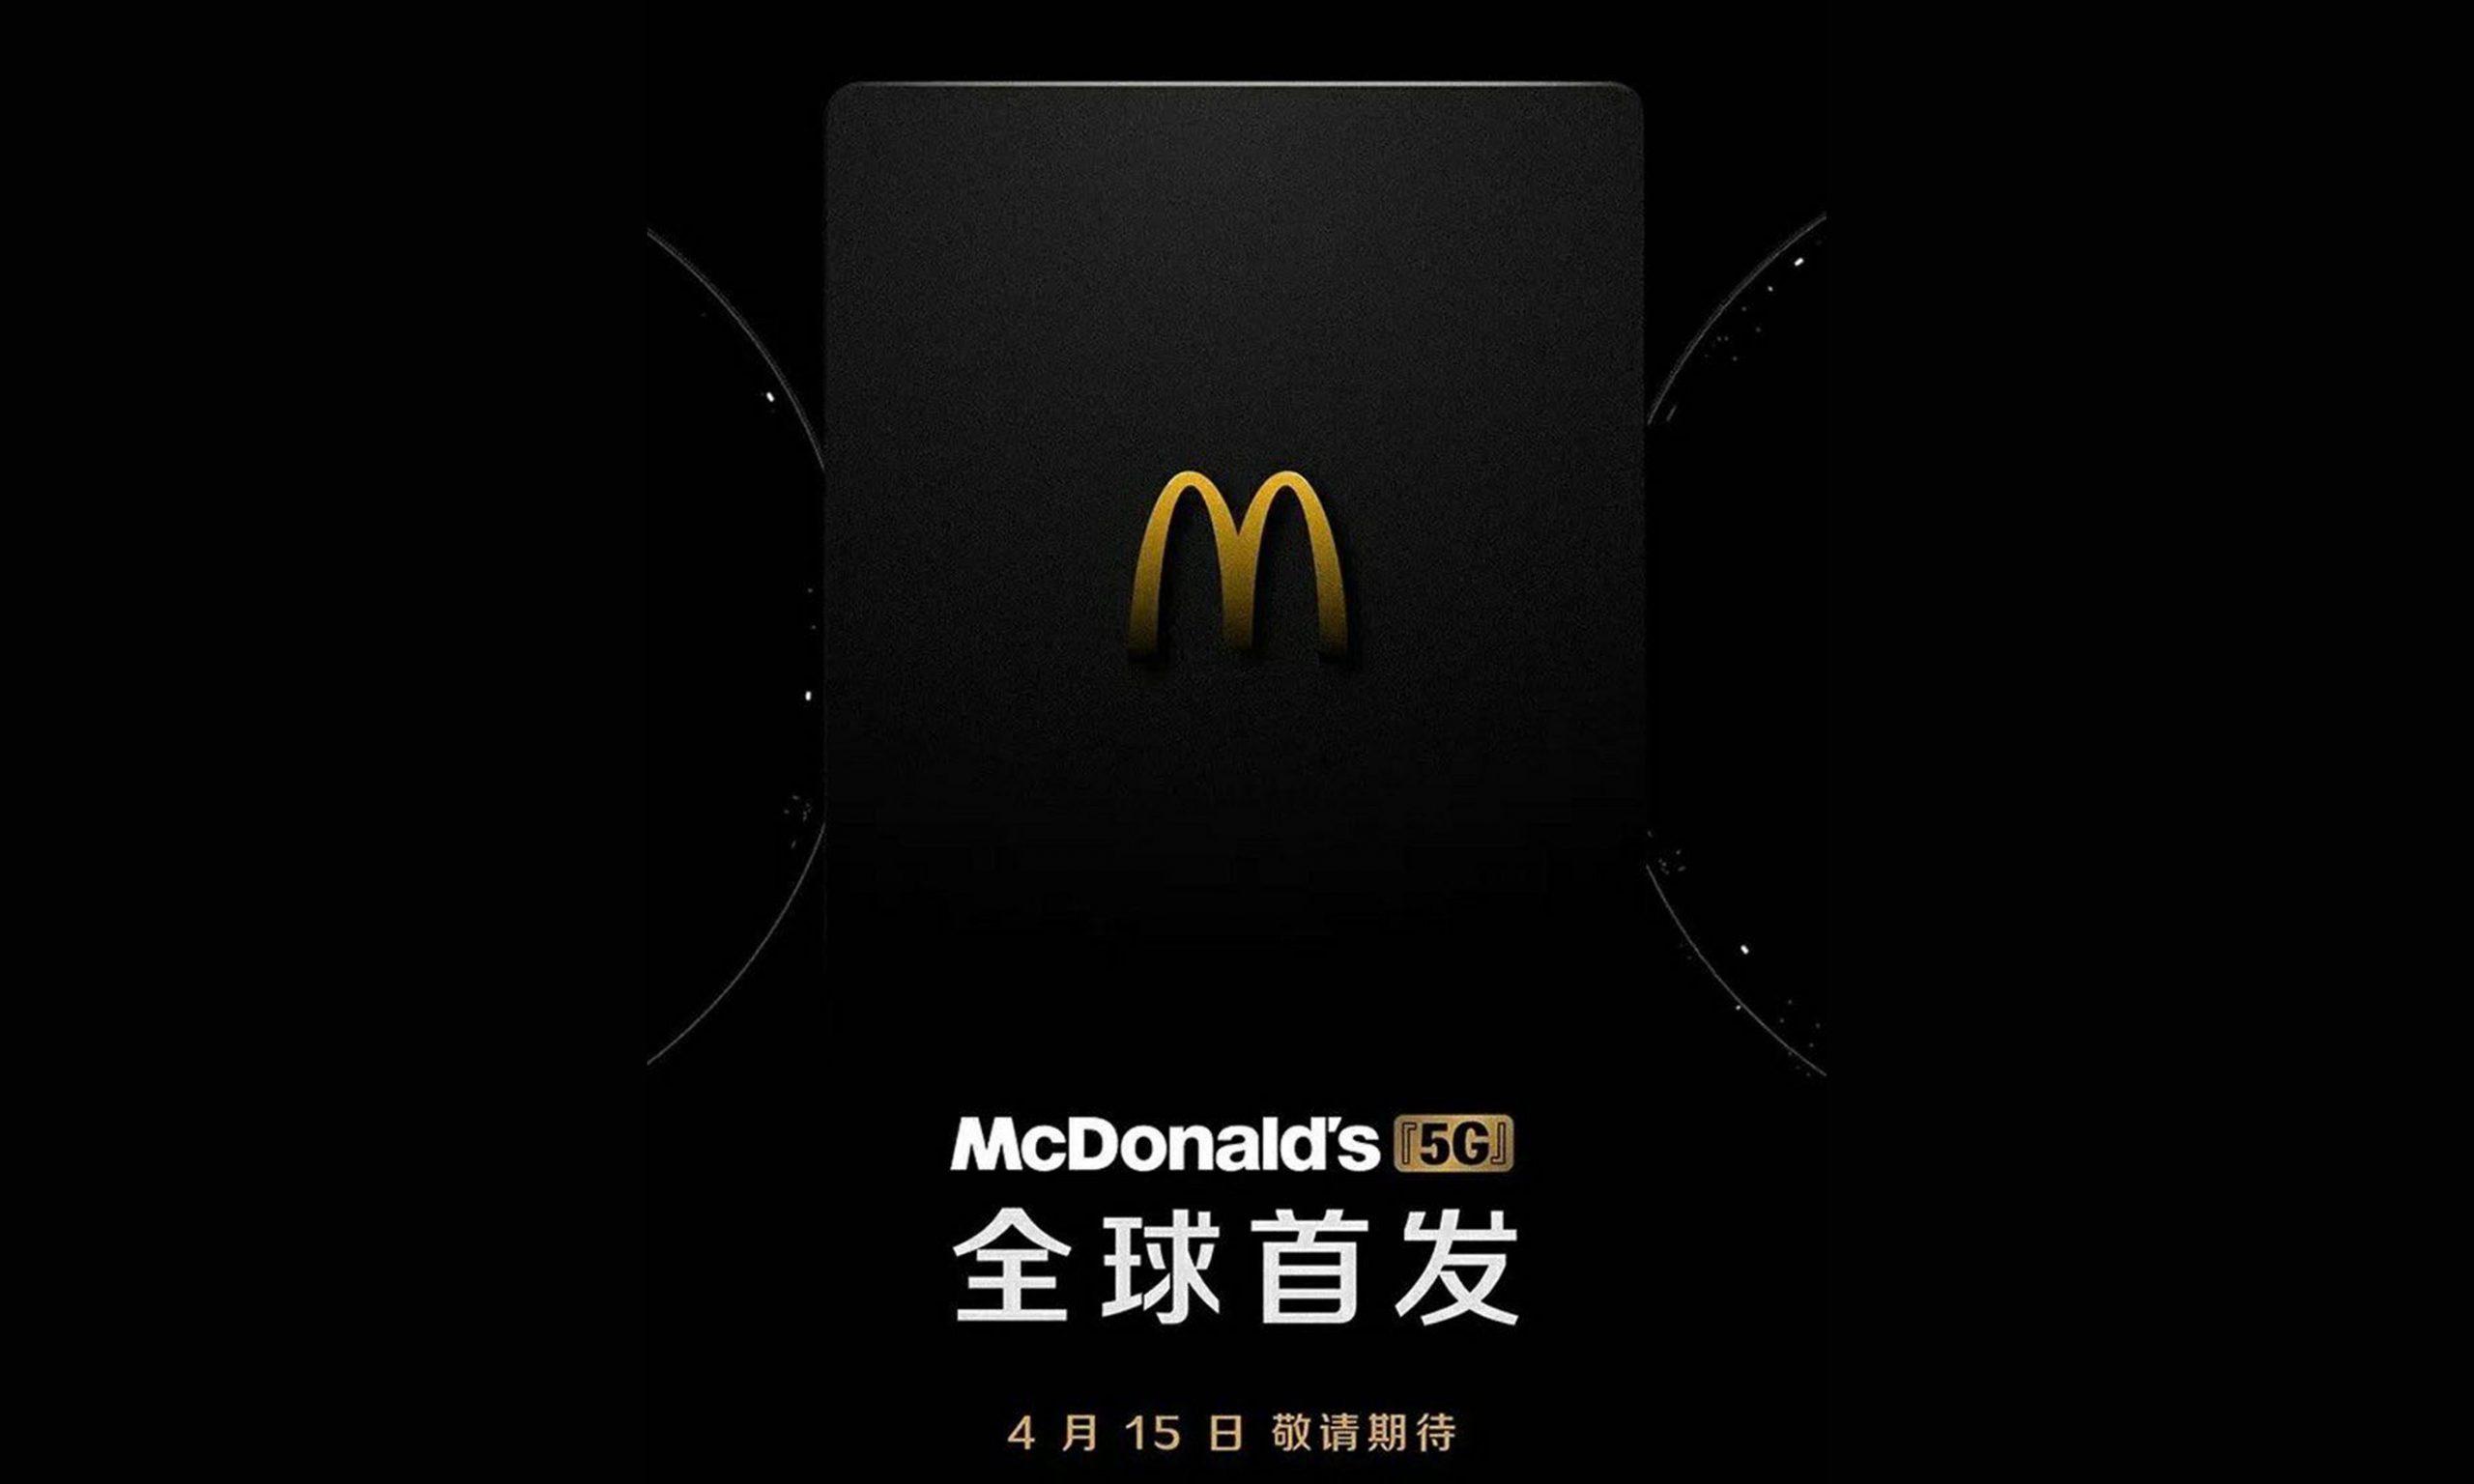 进军科技界?麦当劳官宣「5G」4 月 15 日全球首发